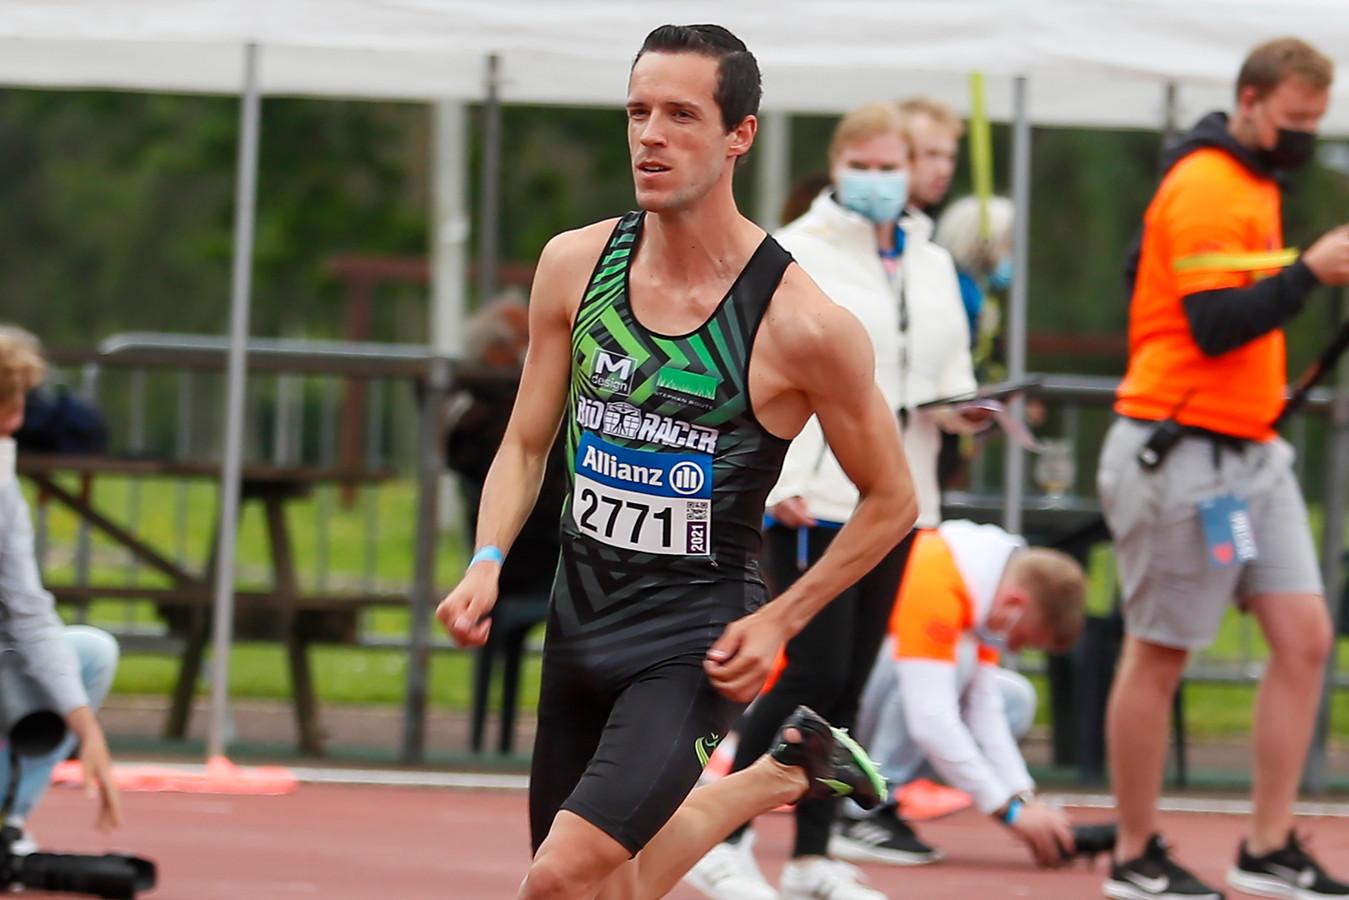 Aurèle Vandeputte dook met 1.45.98 voor het eerst in zijn carrière onder de 1.46 op de 800m.